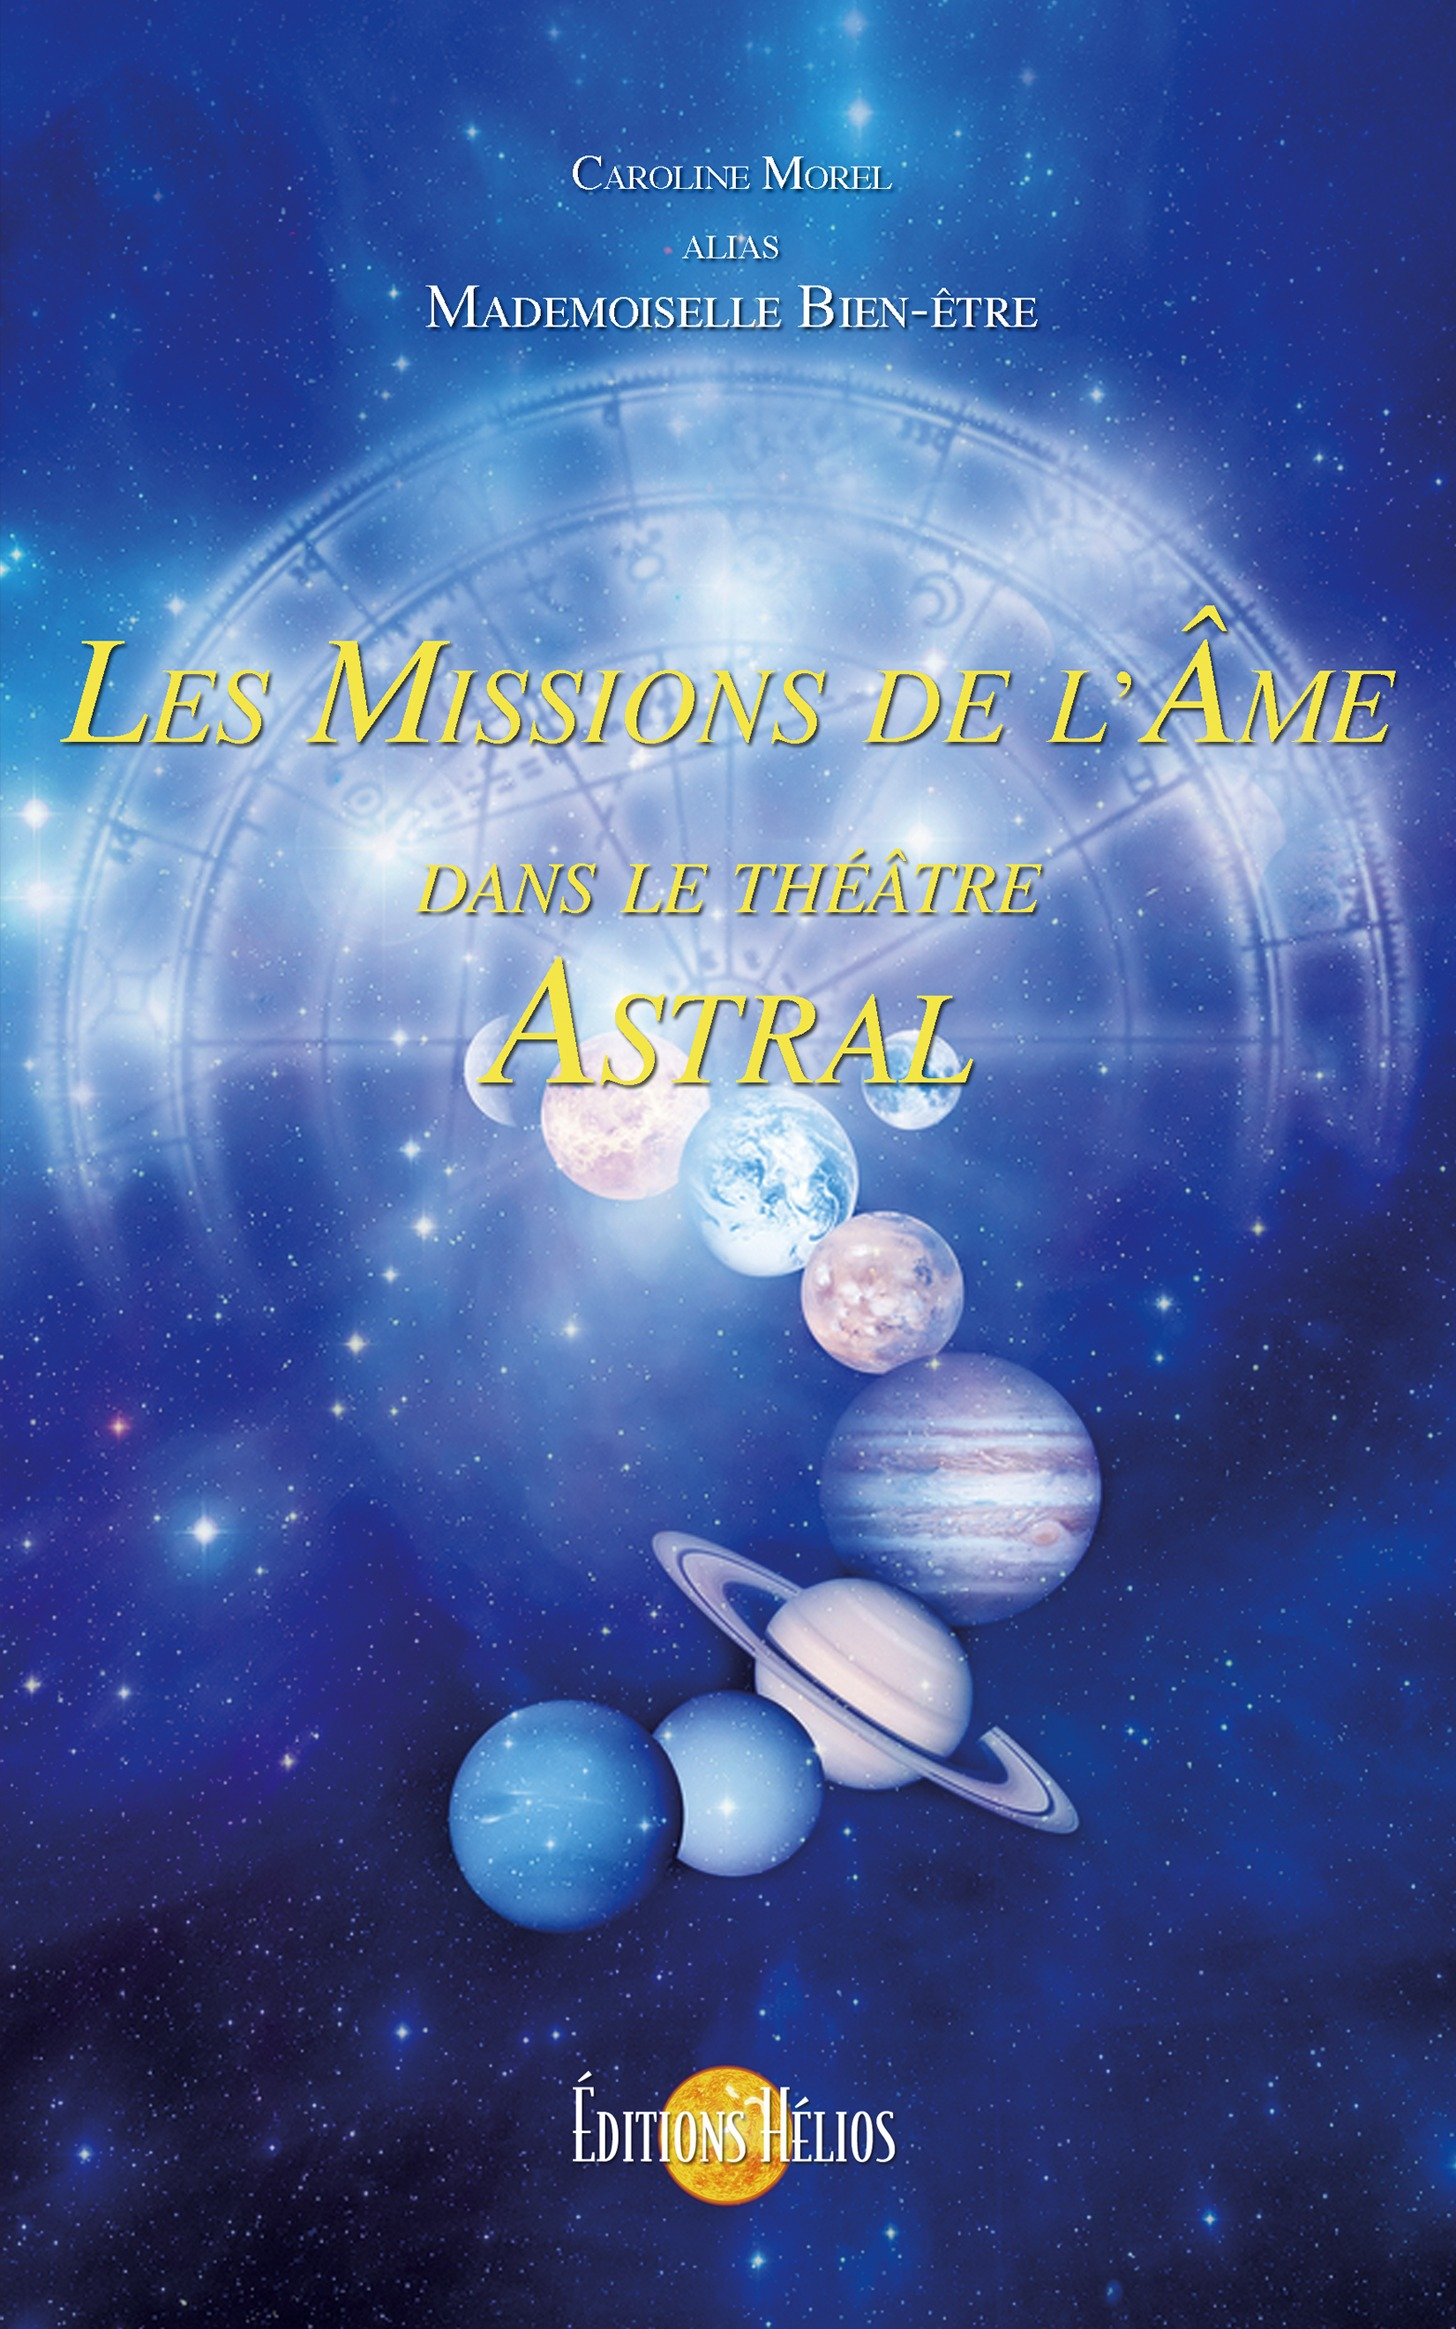 Les missions de l'âme dans le théâtre astral